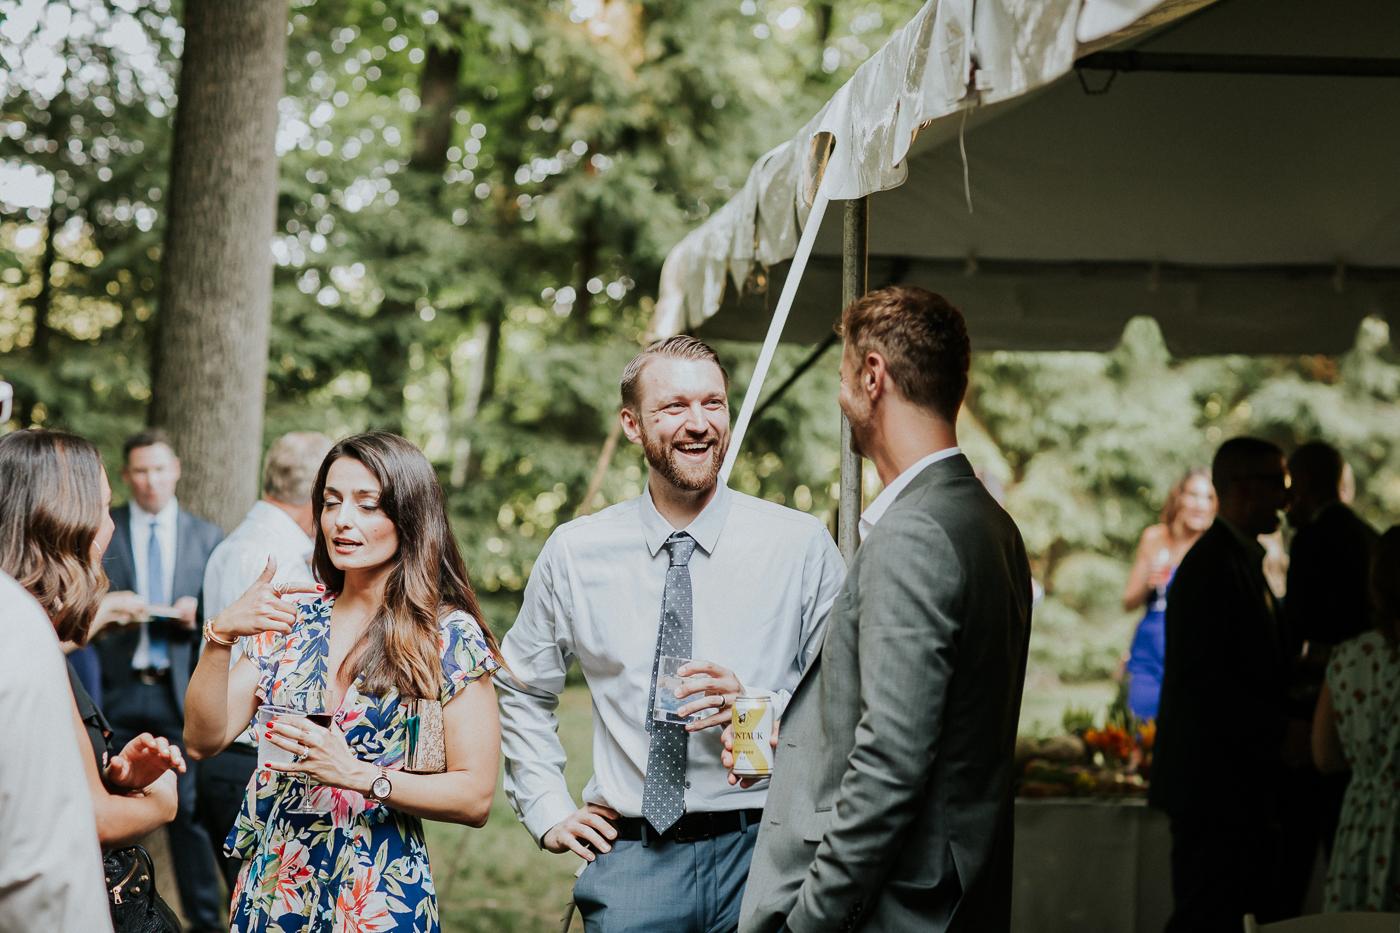 Westchester-New-York-Intimate-Backyard-Garden-Documentary-Wedding-Photographer-5.jpg